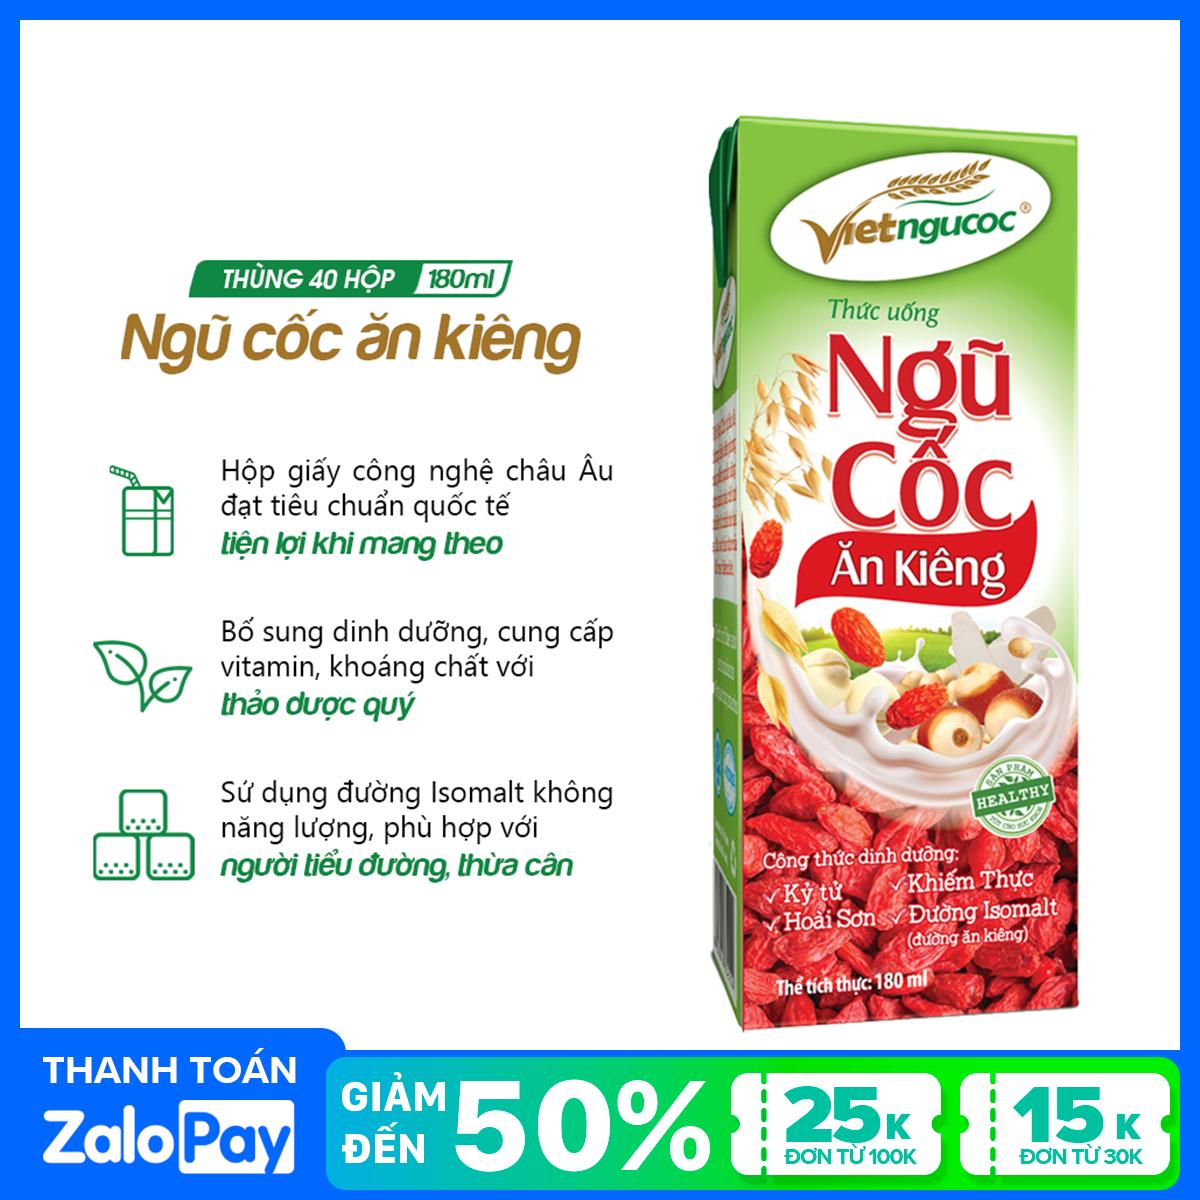 Thùng 40 hộp Thức uống Ăn kiêng uống liền Việt Ngũ Cốc – 180ml/hộp